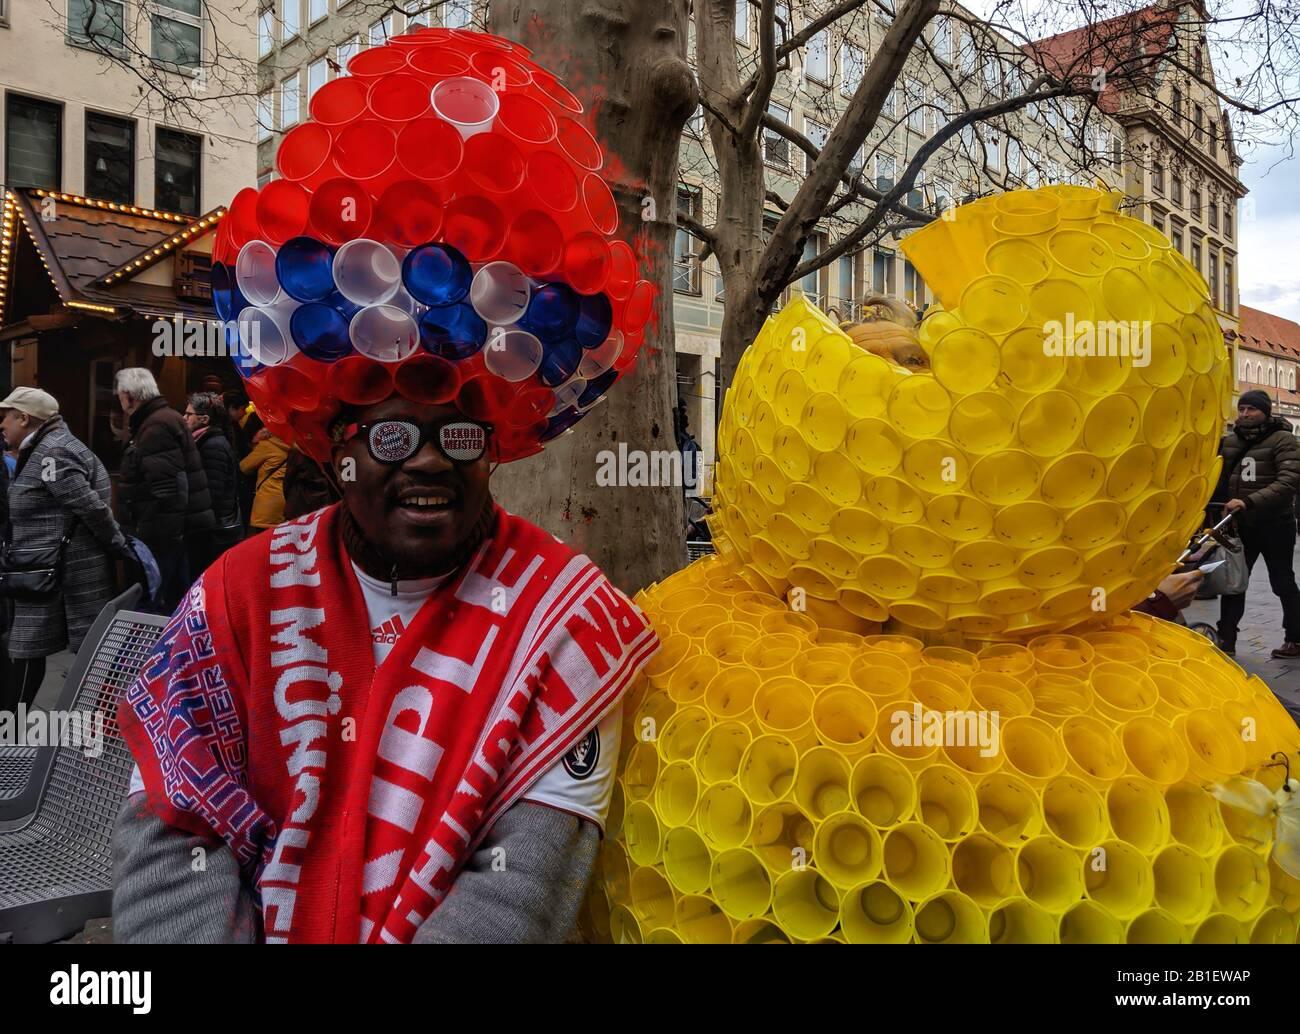 München, Bayern, Deutschland. Februar 2020. Beispiele für die aufwendigen und oft übermüdlichen und humorvollen Kostüme während der Münchner Fasching (Karneval)-Feier 2020. Credit: Sachelle Babbar/ZUMA Wire/Alamy Live News Stockfoto